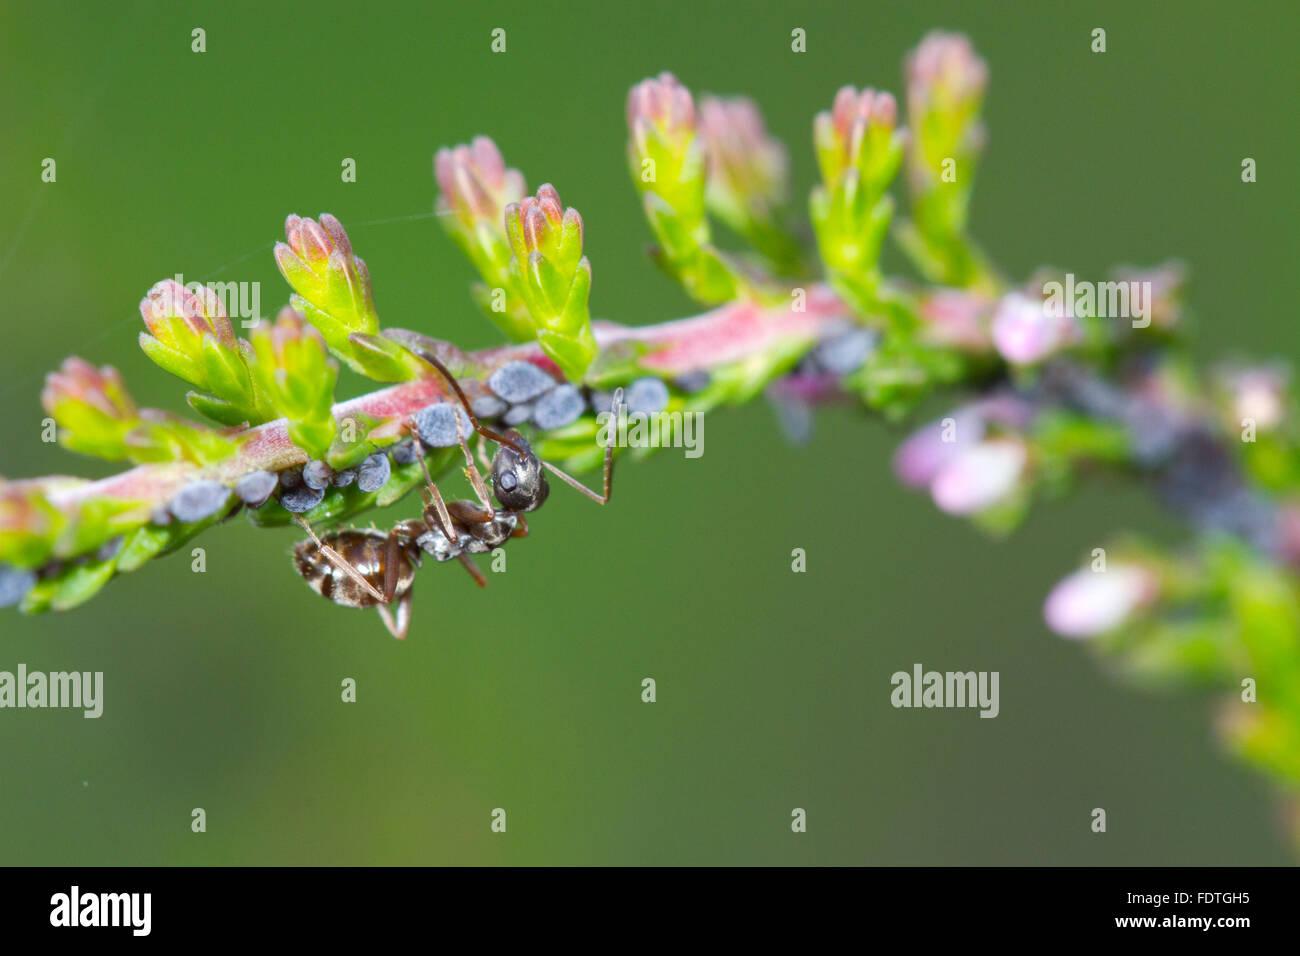 Negro (Formica fusca) Ant travailleur adulte tendant les pucerons sur bruyère commune ou Ling (Calluna vulgaris). Powys, Pays de Galles. Septembre. Banque D'Images